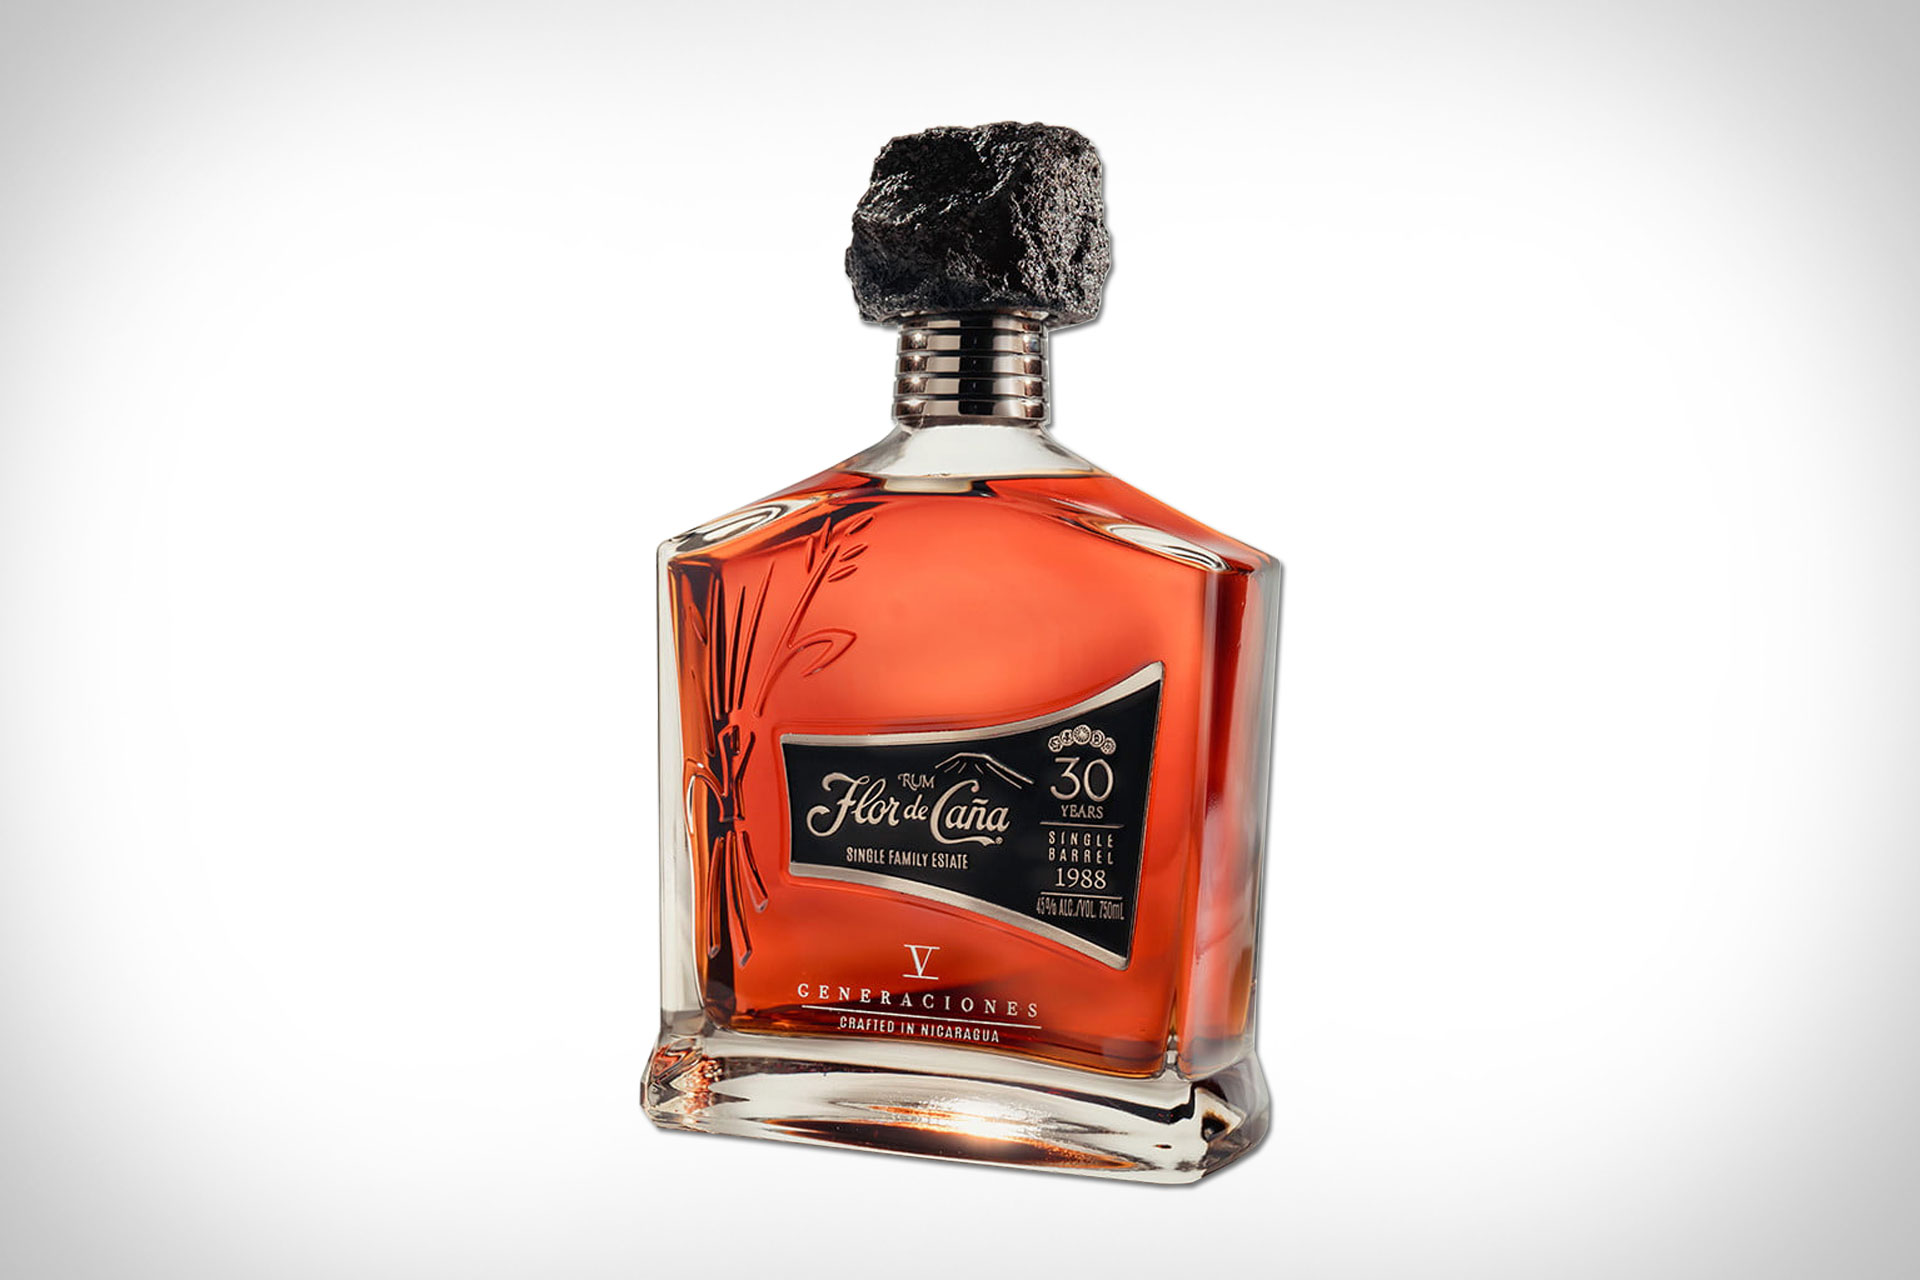 Flor de Cana V Generaciones Rum